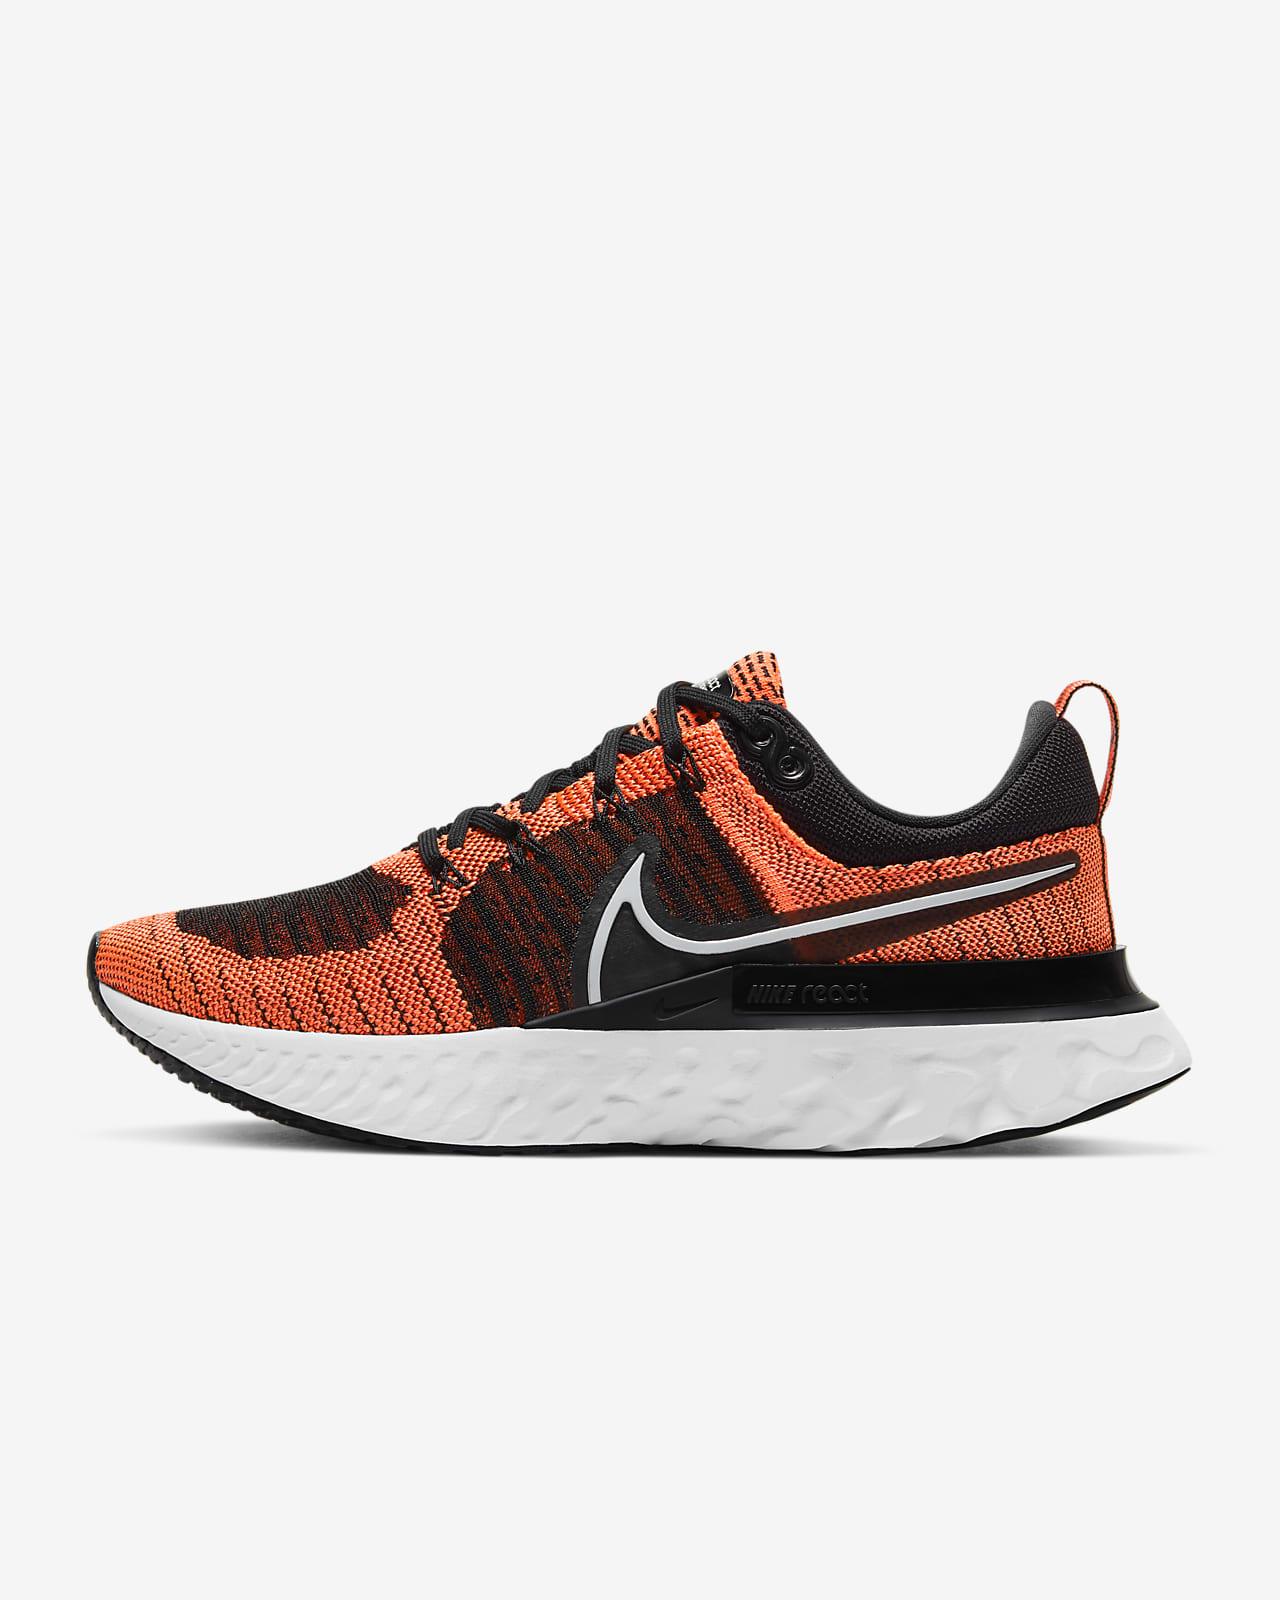 Nike React Infinity Run Flyknit 2 Women's Running Shoes